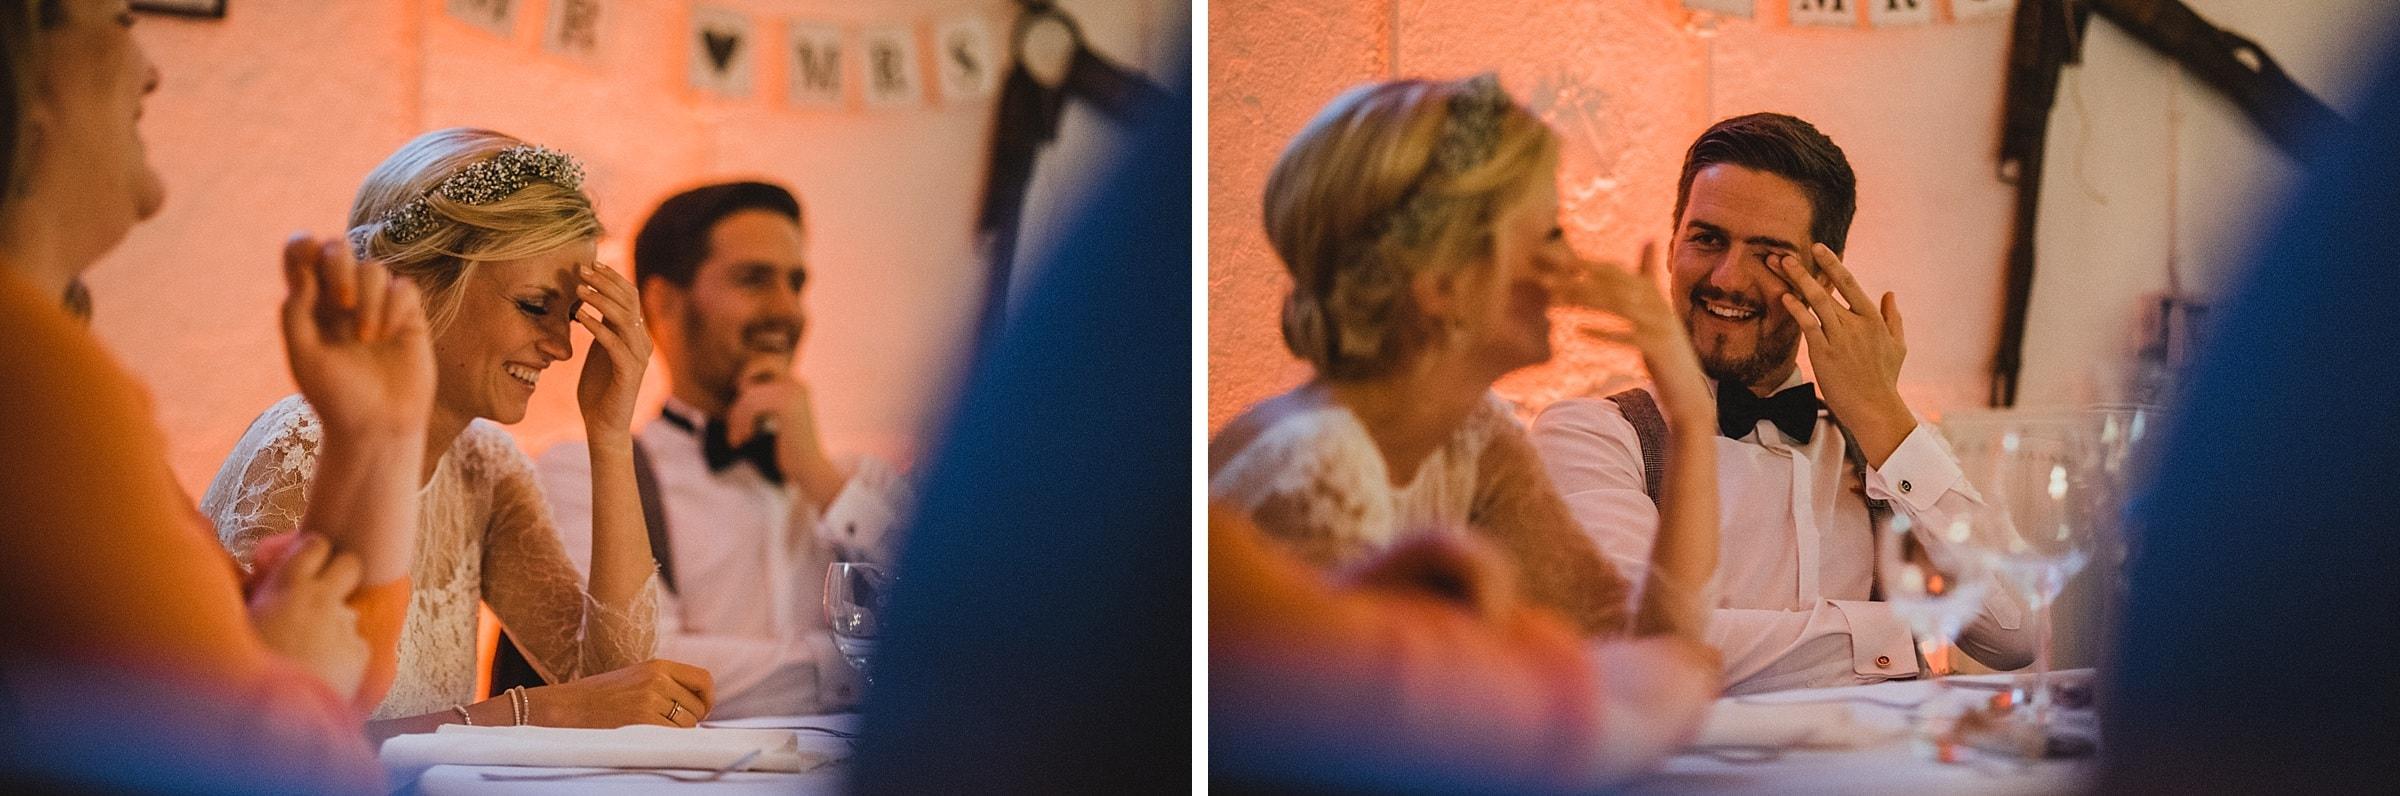 Hochzeitsfotografie Hamburg-Frau-Siemers-Gut Basthorst- Reden mit Blick aufs Brautpaar